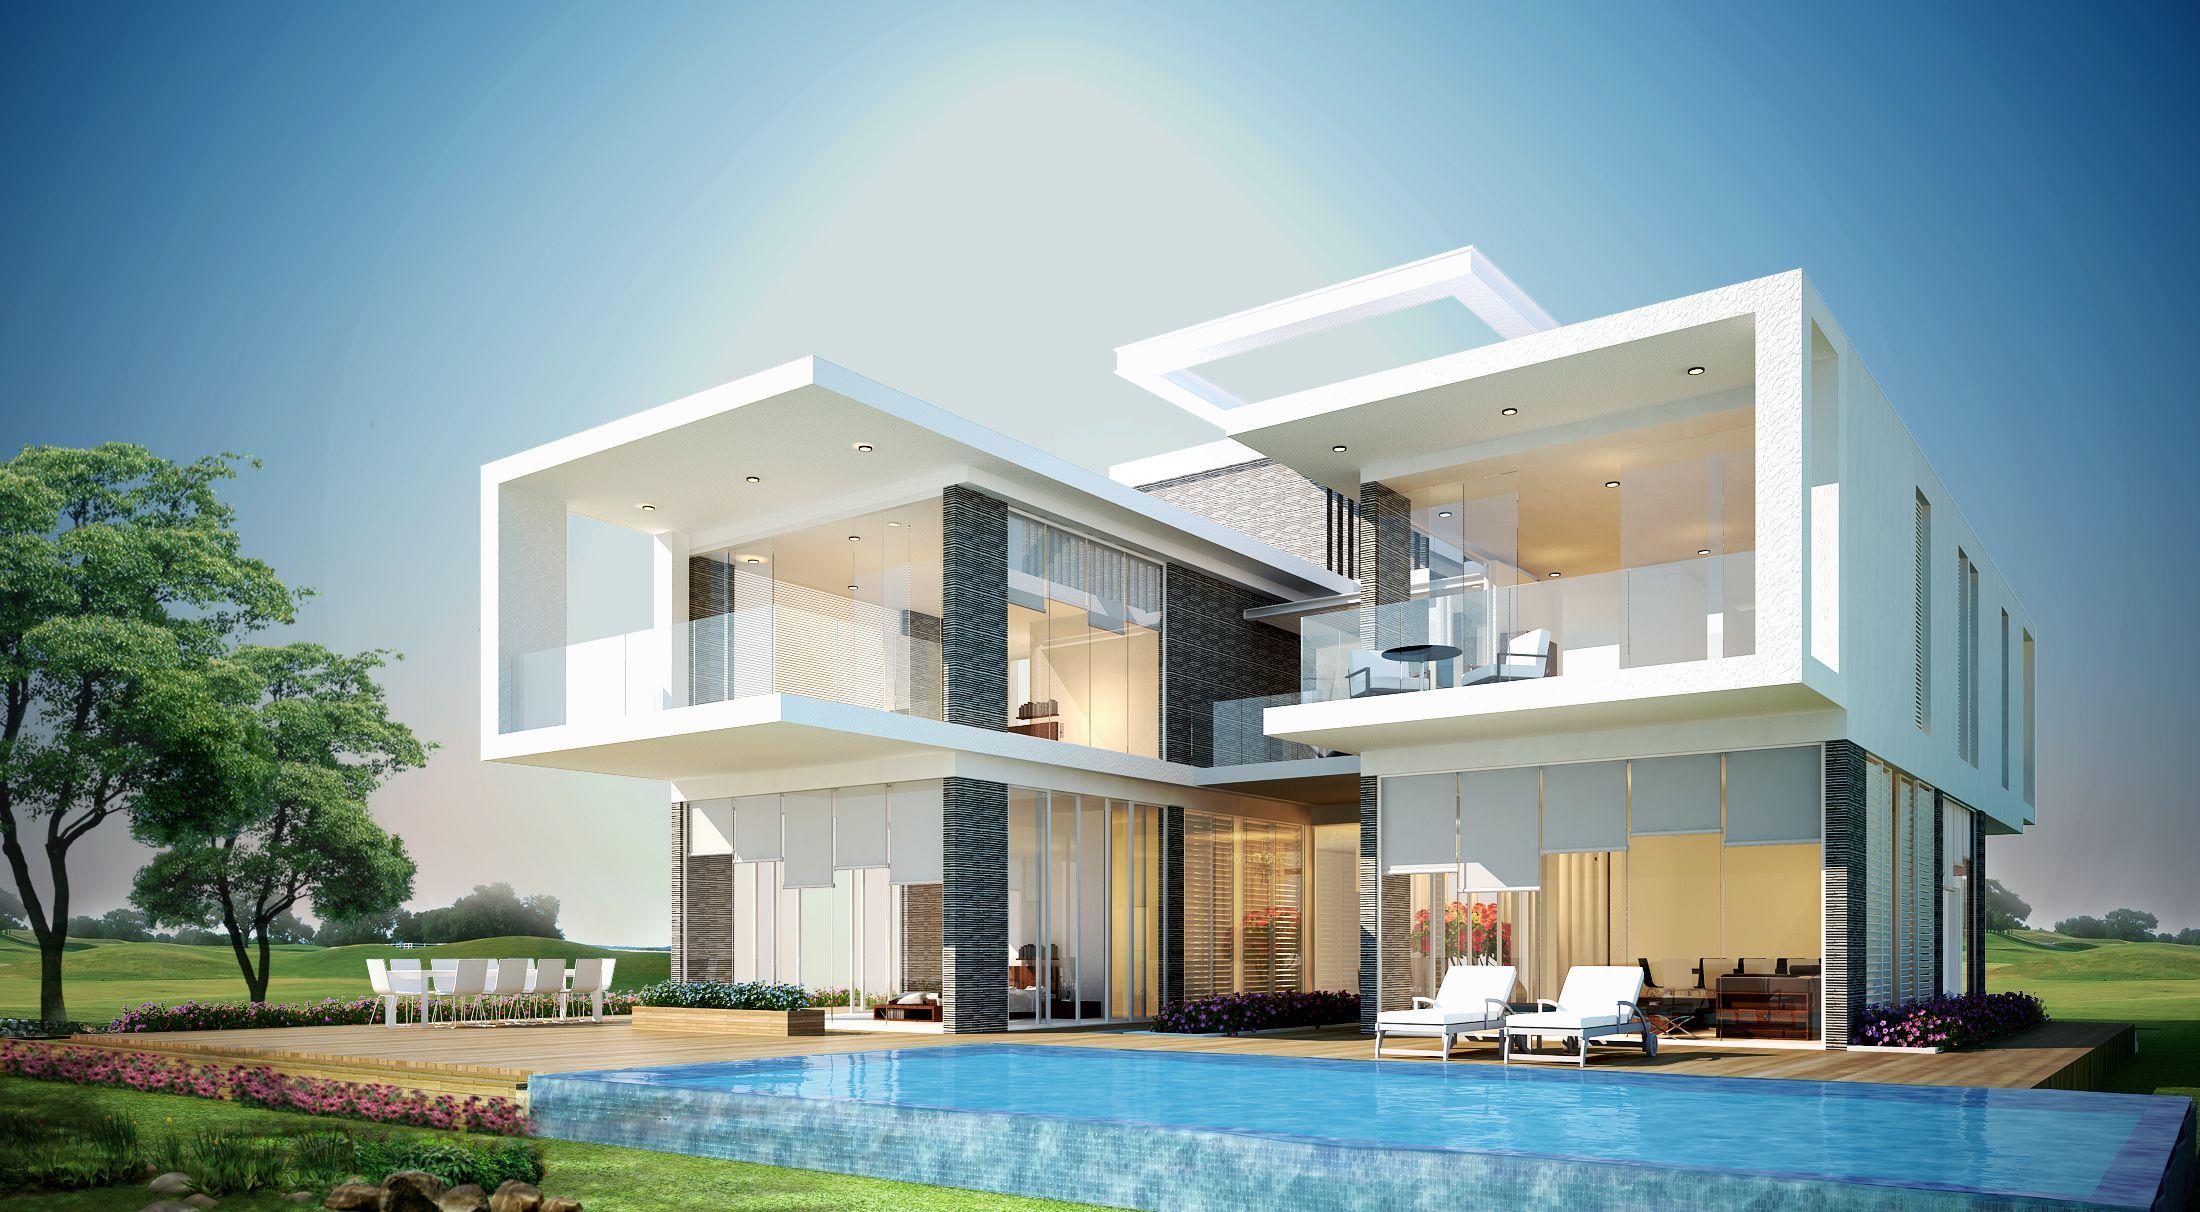 imaginez la villa qui correspond vos attentes et vos d sirs la maison de vos r ves entre. Black Bedroom Furniture Sets. Home Design Ideas